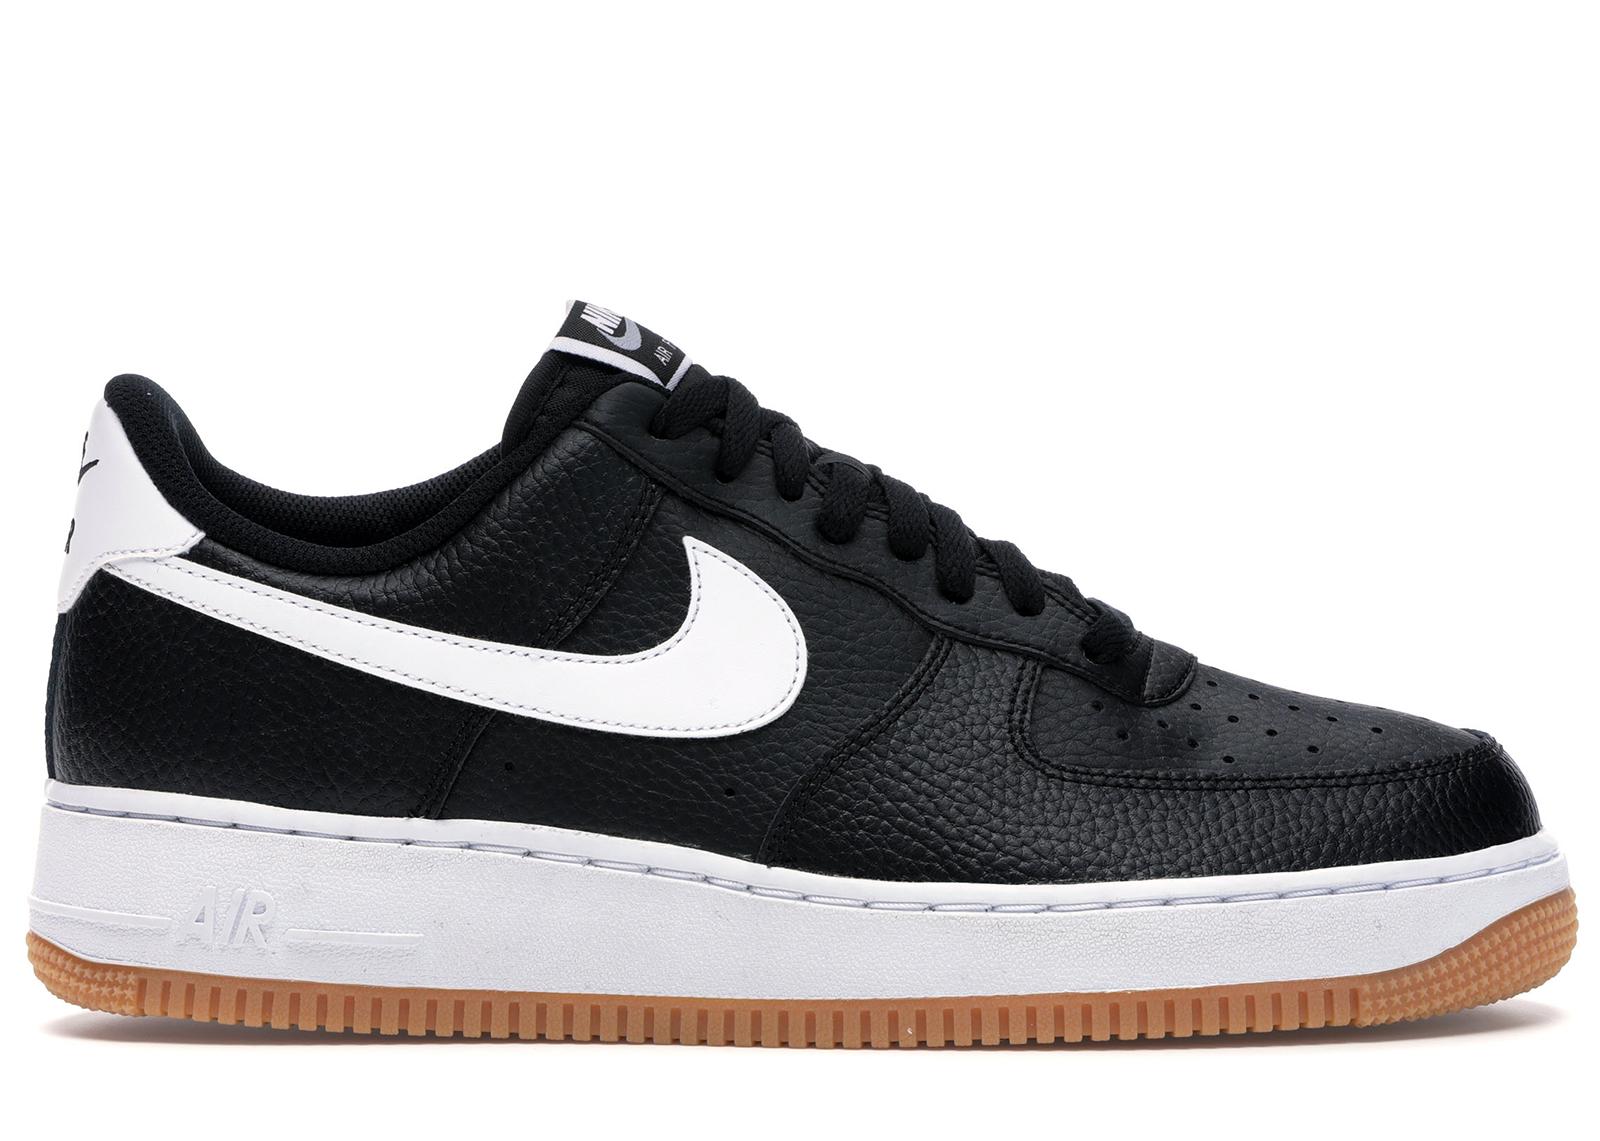 Nike Air Force 1 '07 Black White Gum